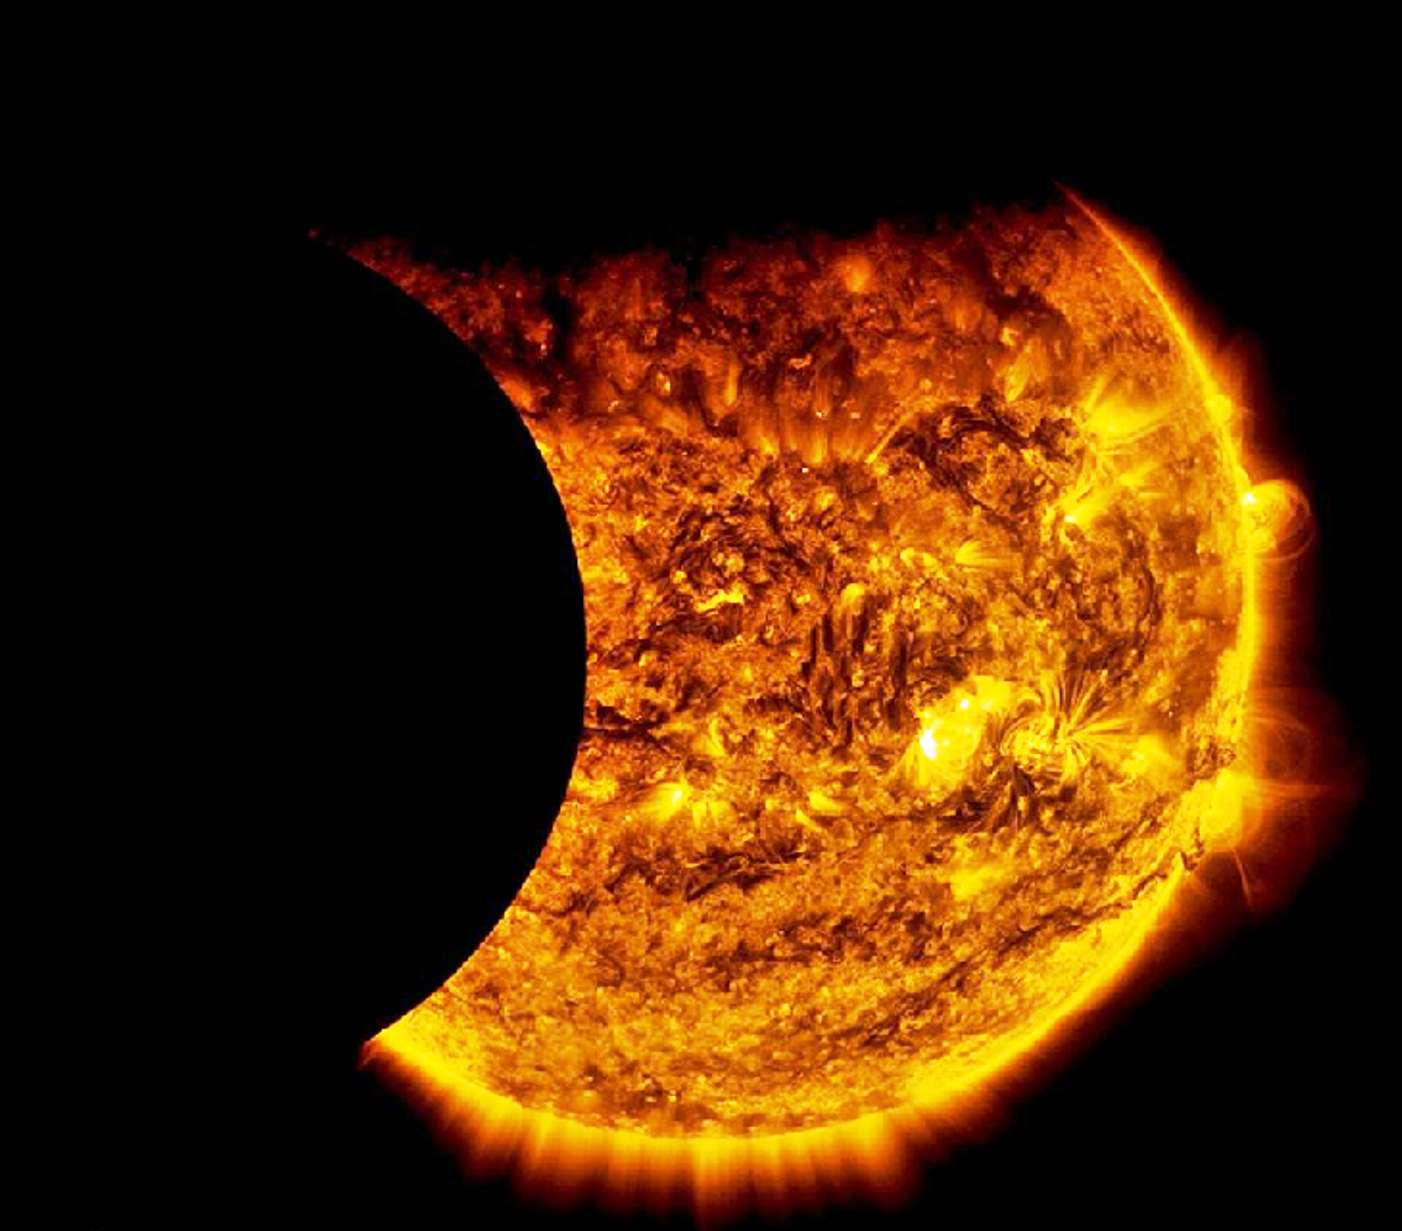 Le satellite SDO a pu observer une double éclipse du Soleil le dimanche 13 septembre 2015 : d'abord le transit de la Terre devant notre étoile, puis celui de la Lune. © Nasa, SDO